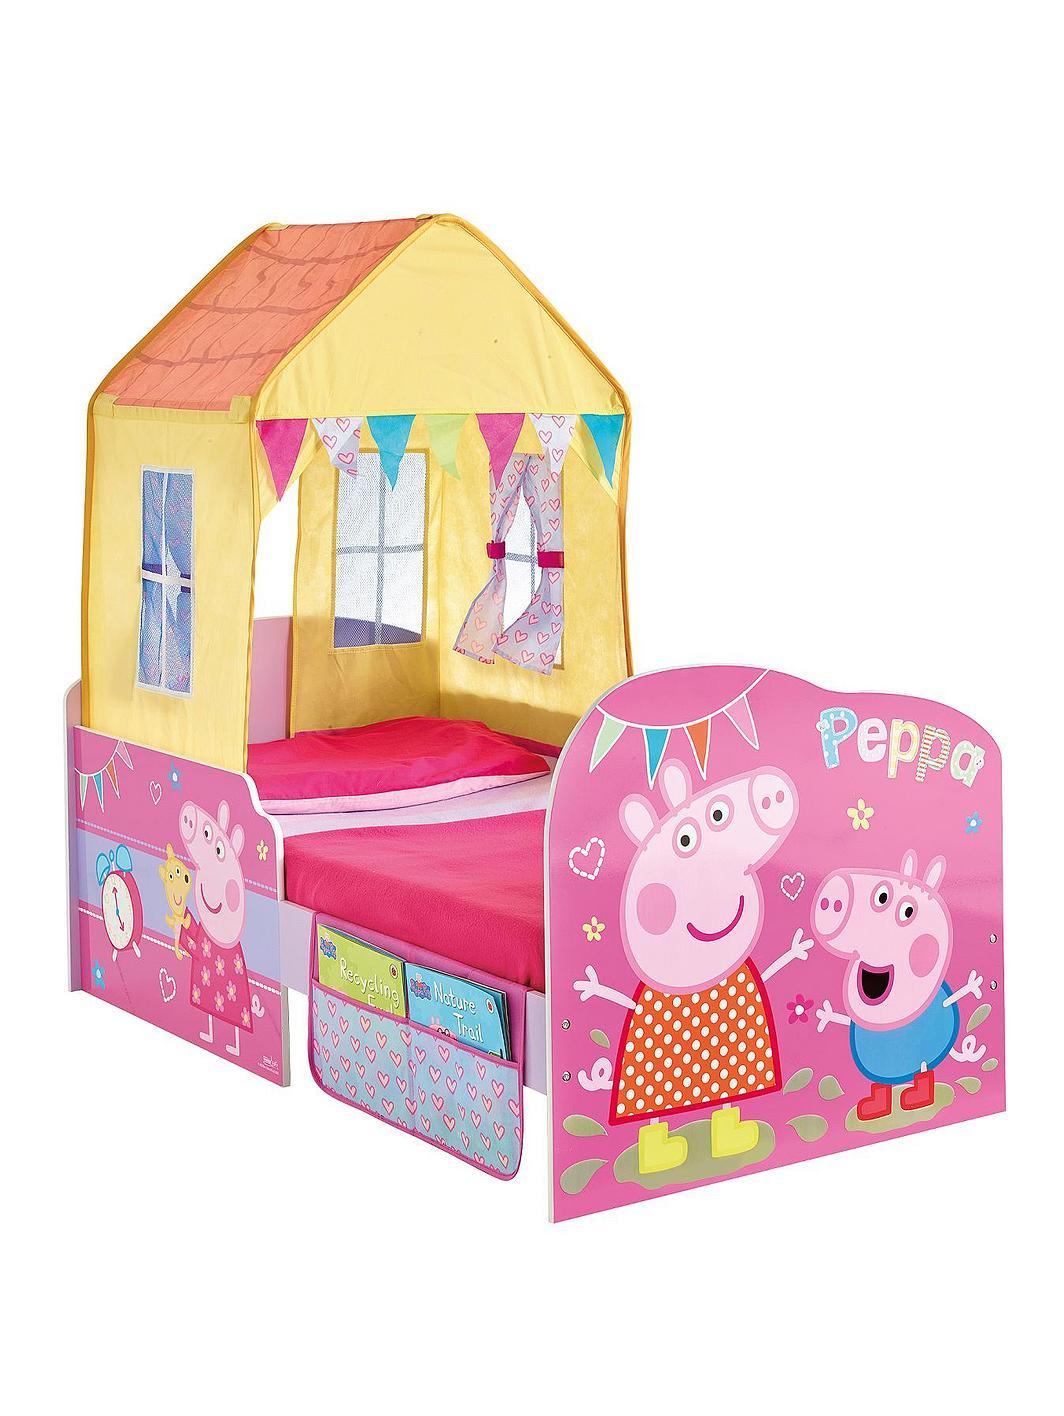 Peppa Pig StarTime Toddler Bed